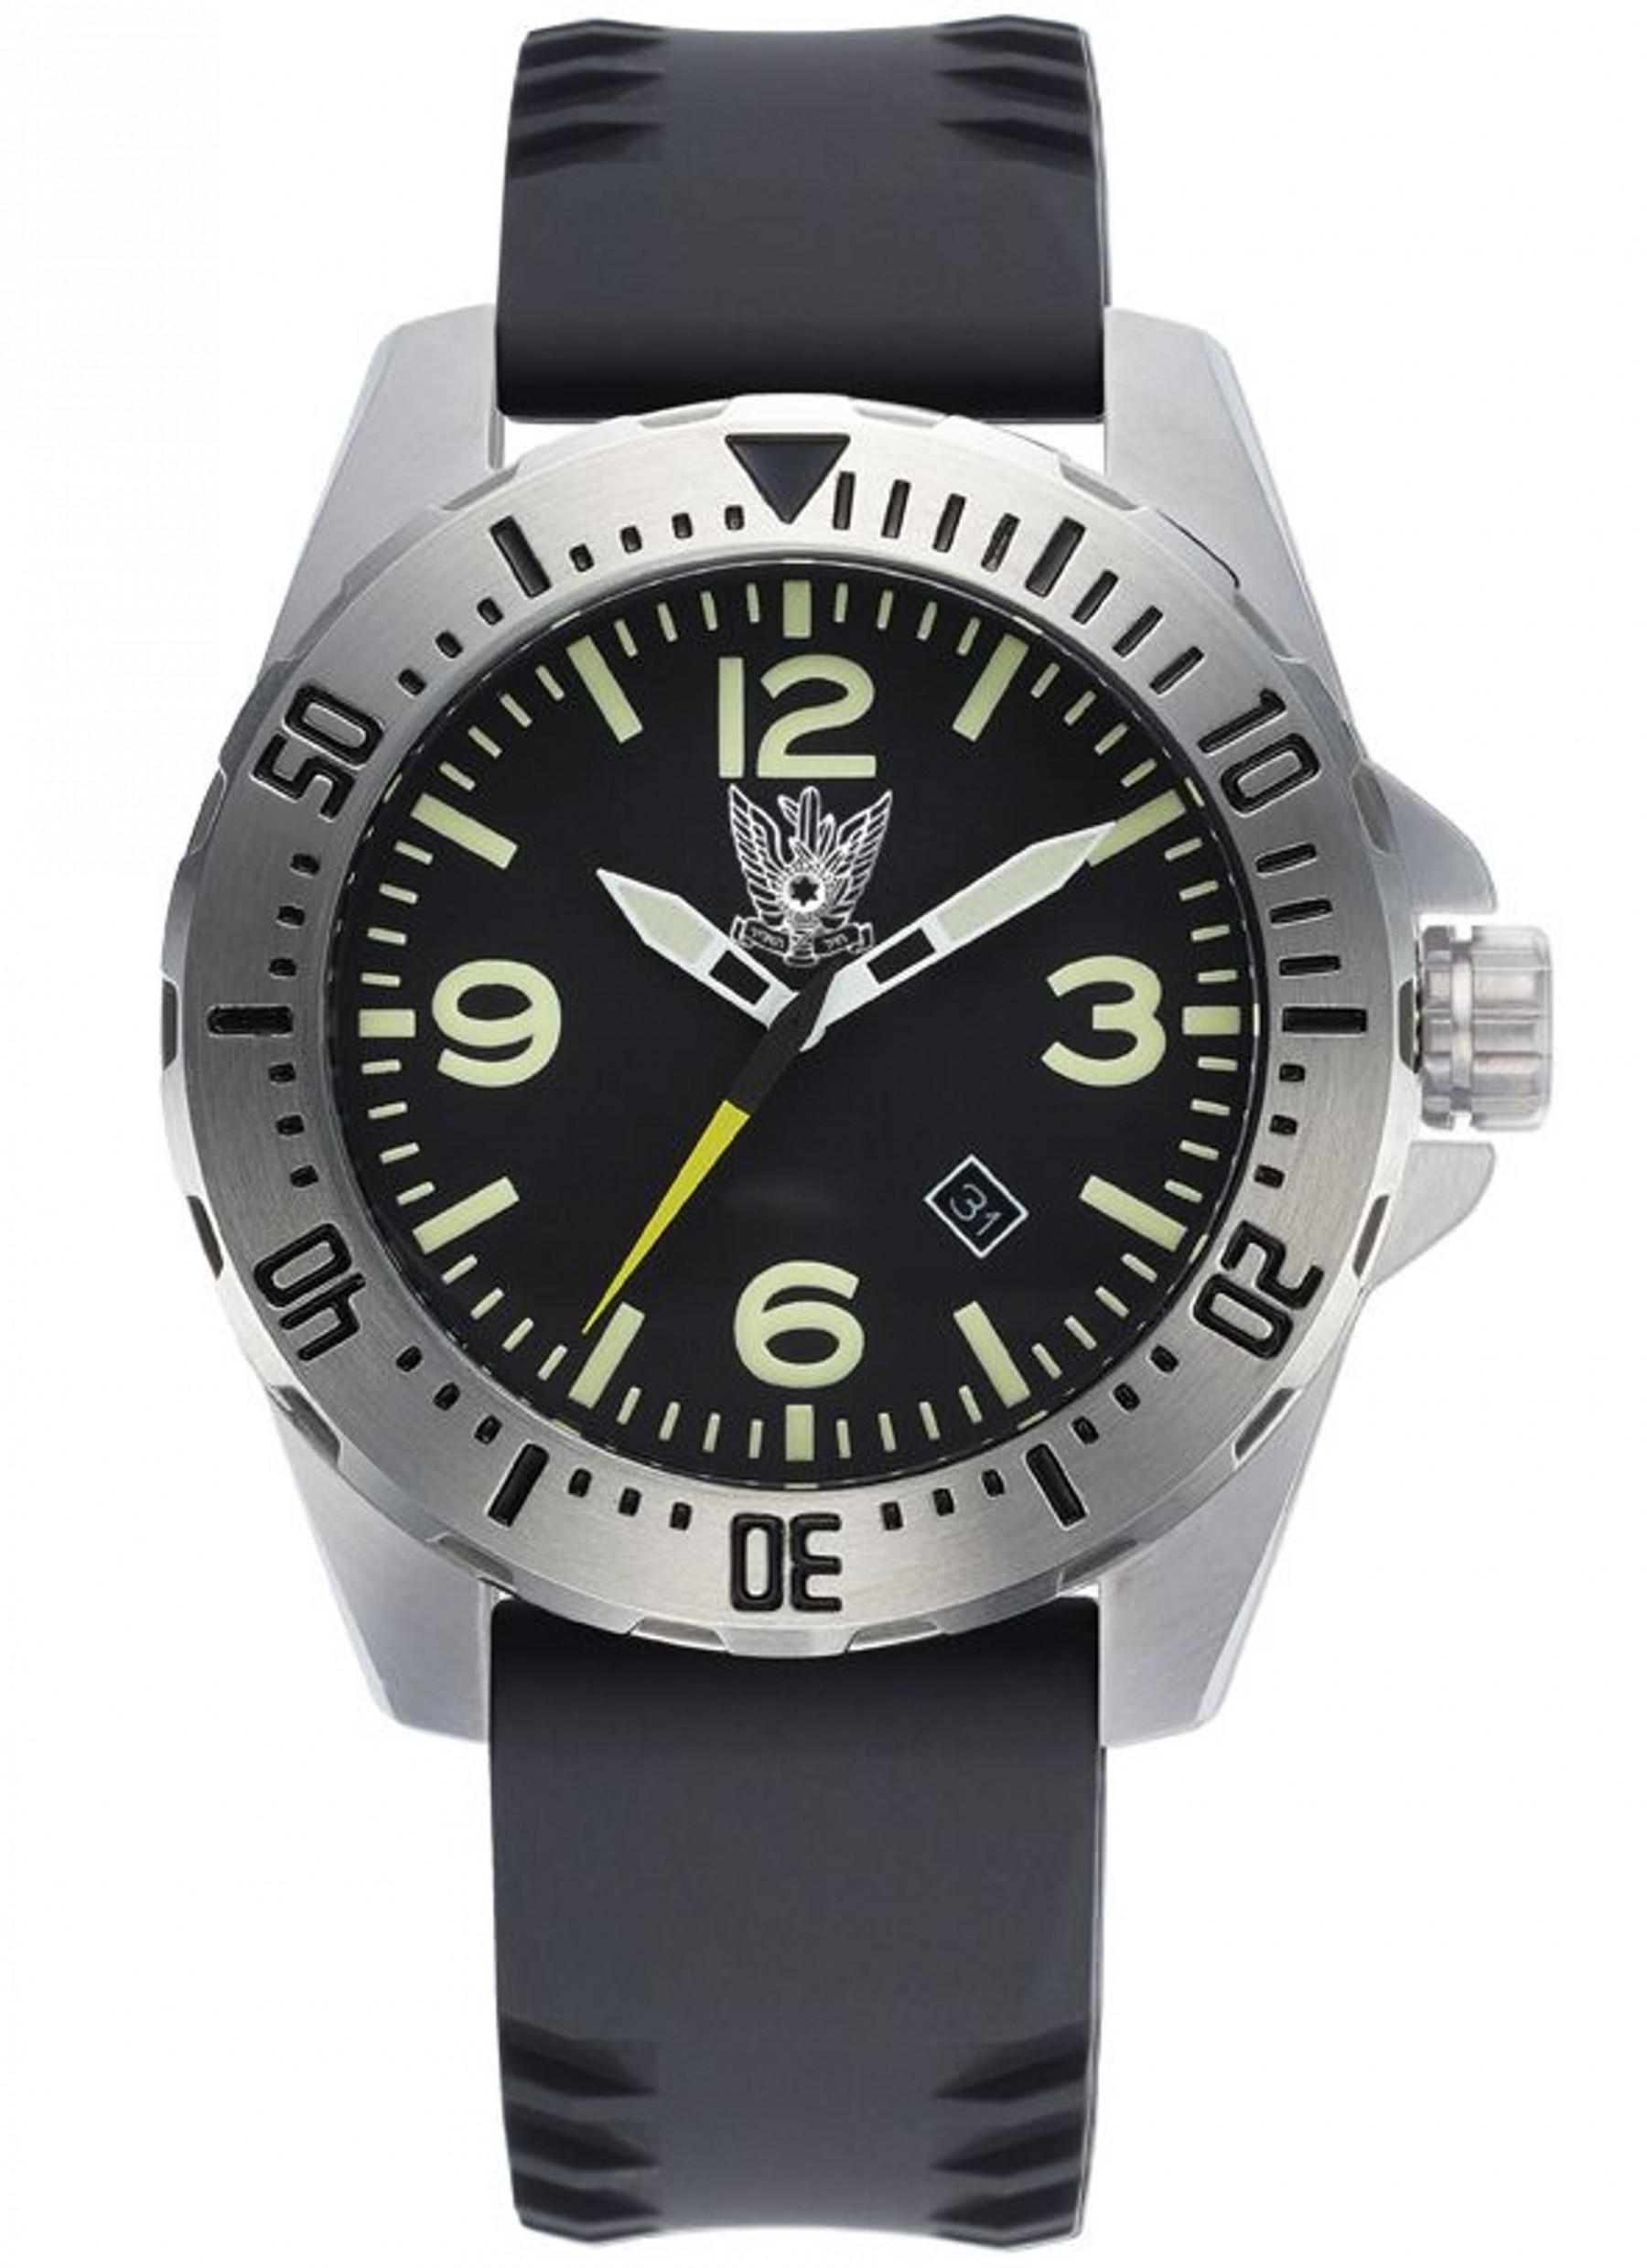 שעון צלילה עם סמל של חיל אוויר